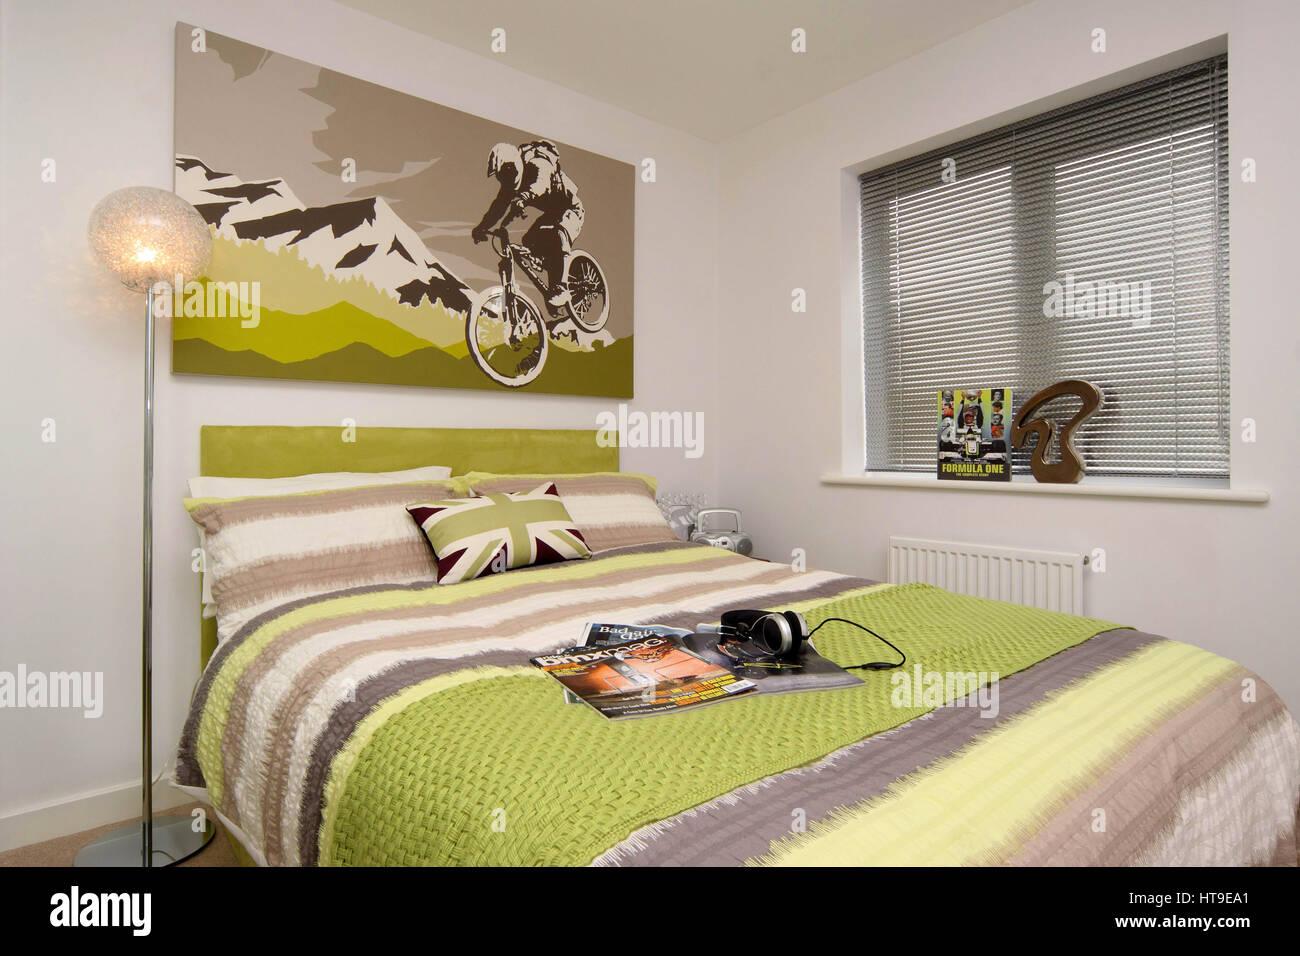 Cycling Bmx Stock Photos & Cycling Bmx Stock Images